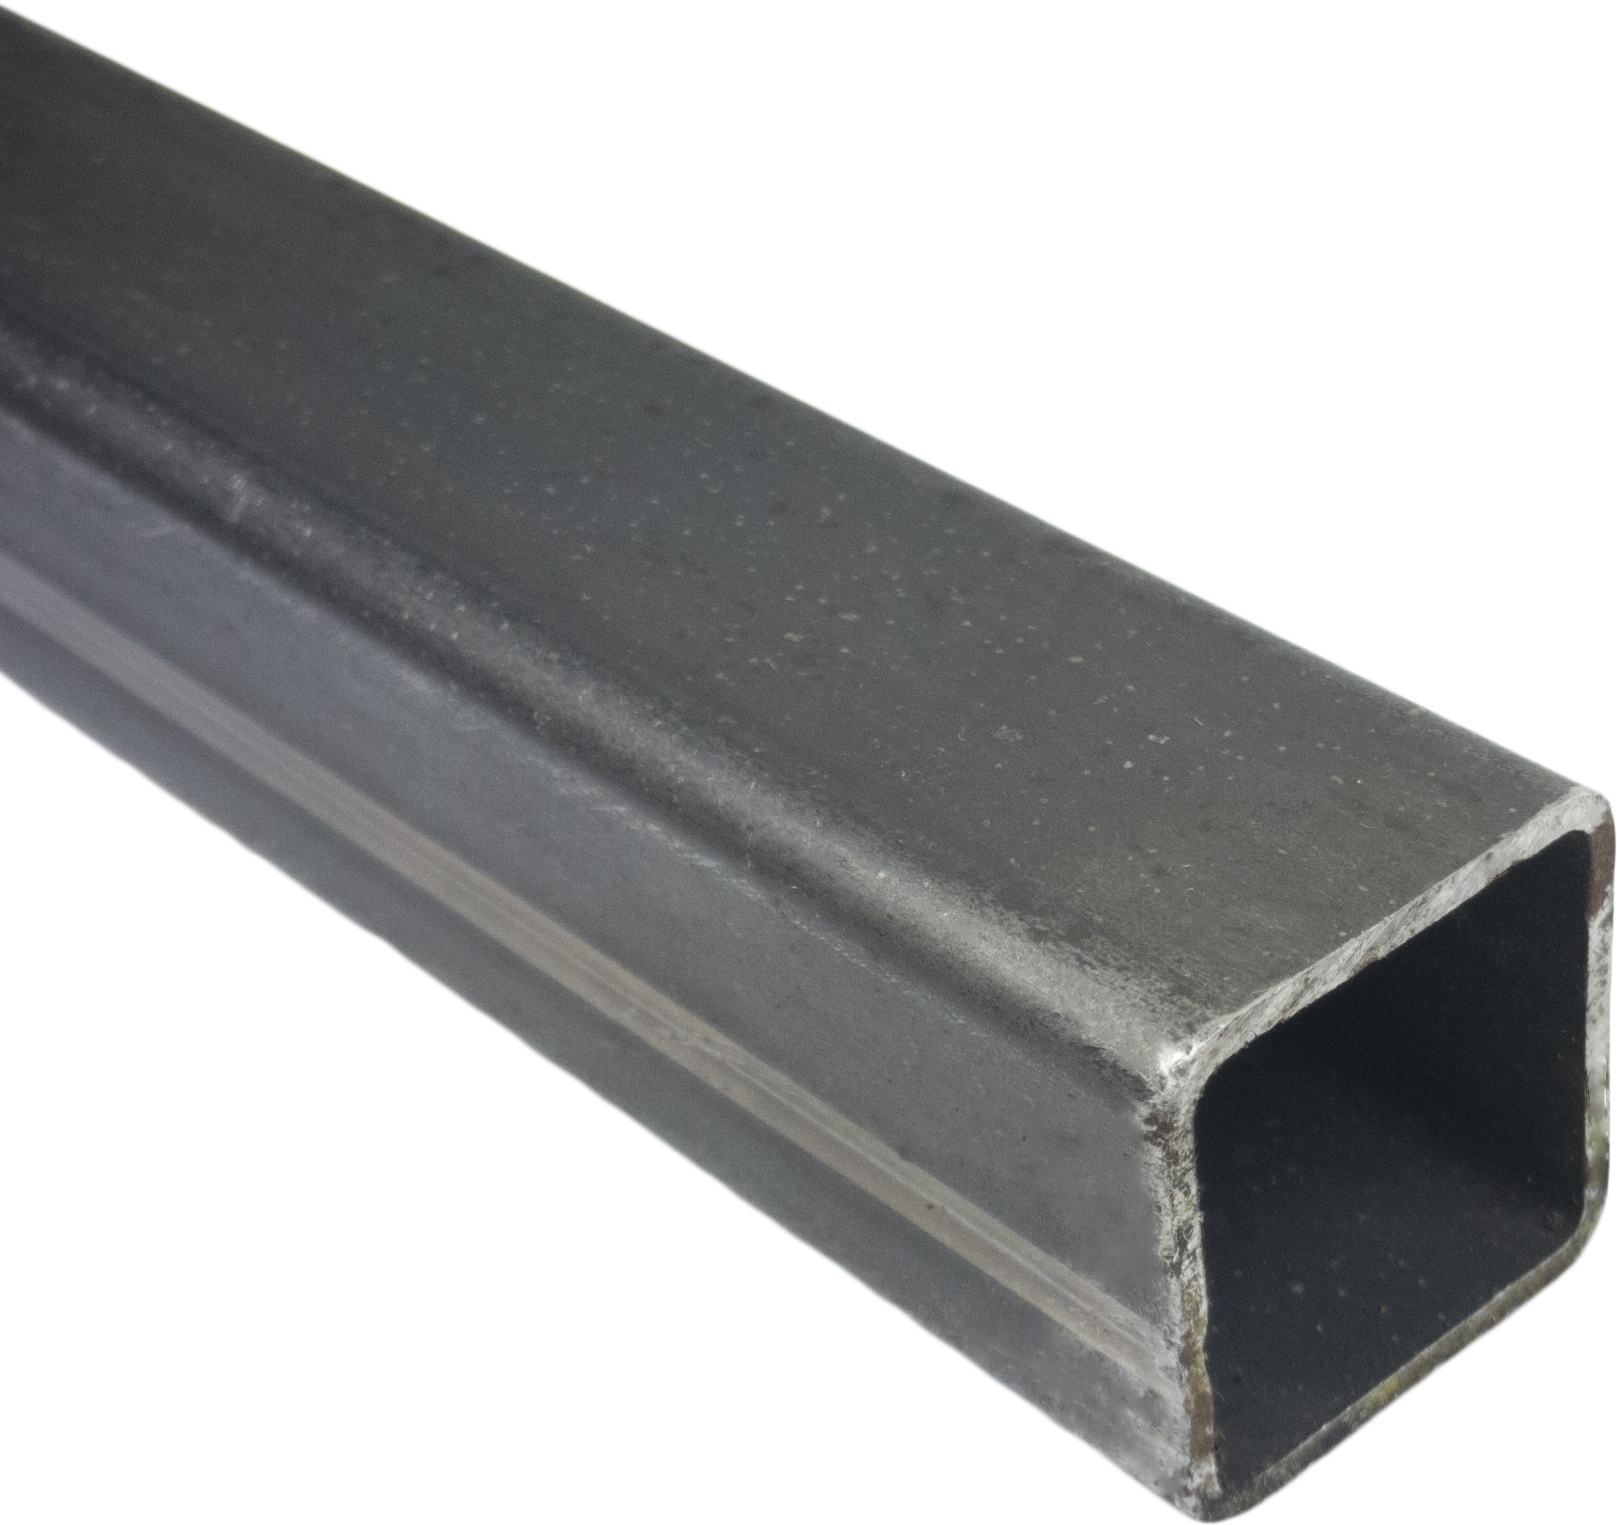 Profil stalowy zamknięty 50x50x3 długość 1000mm